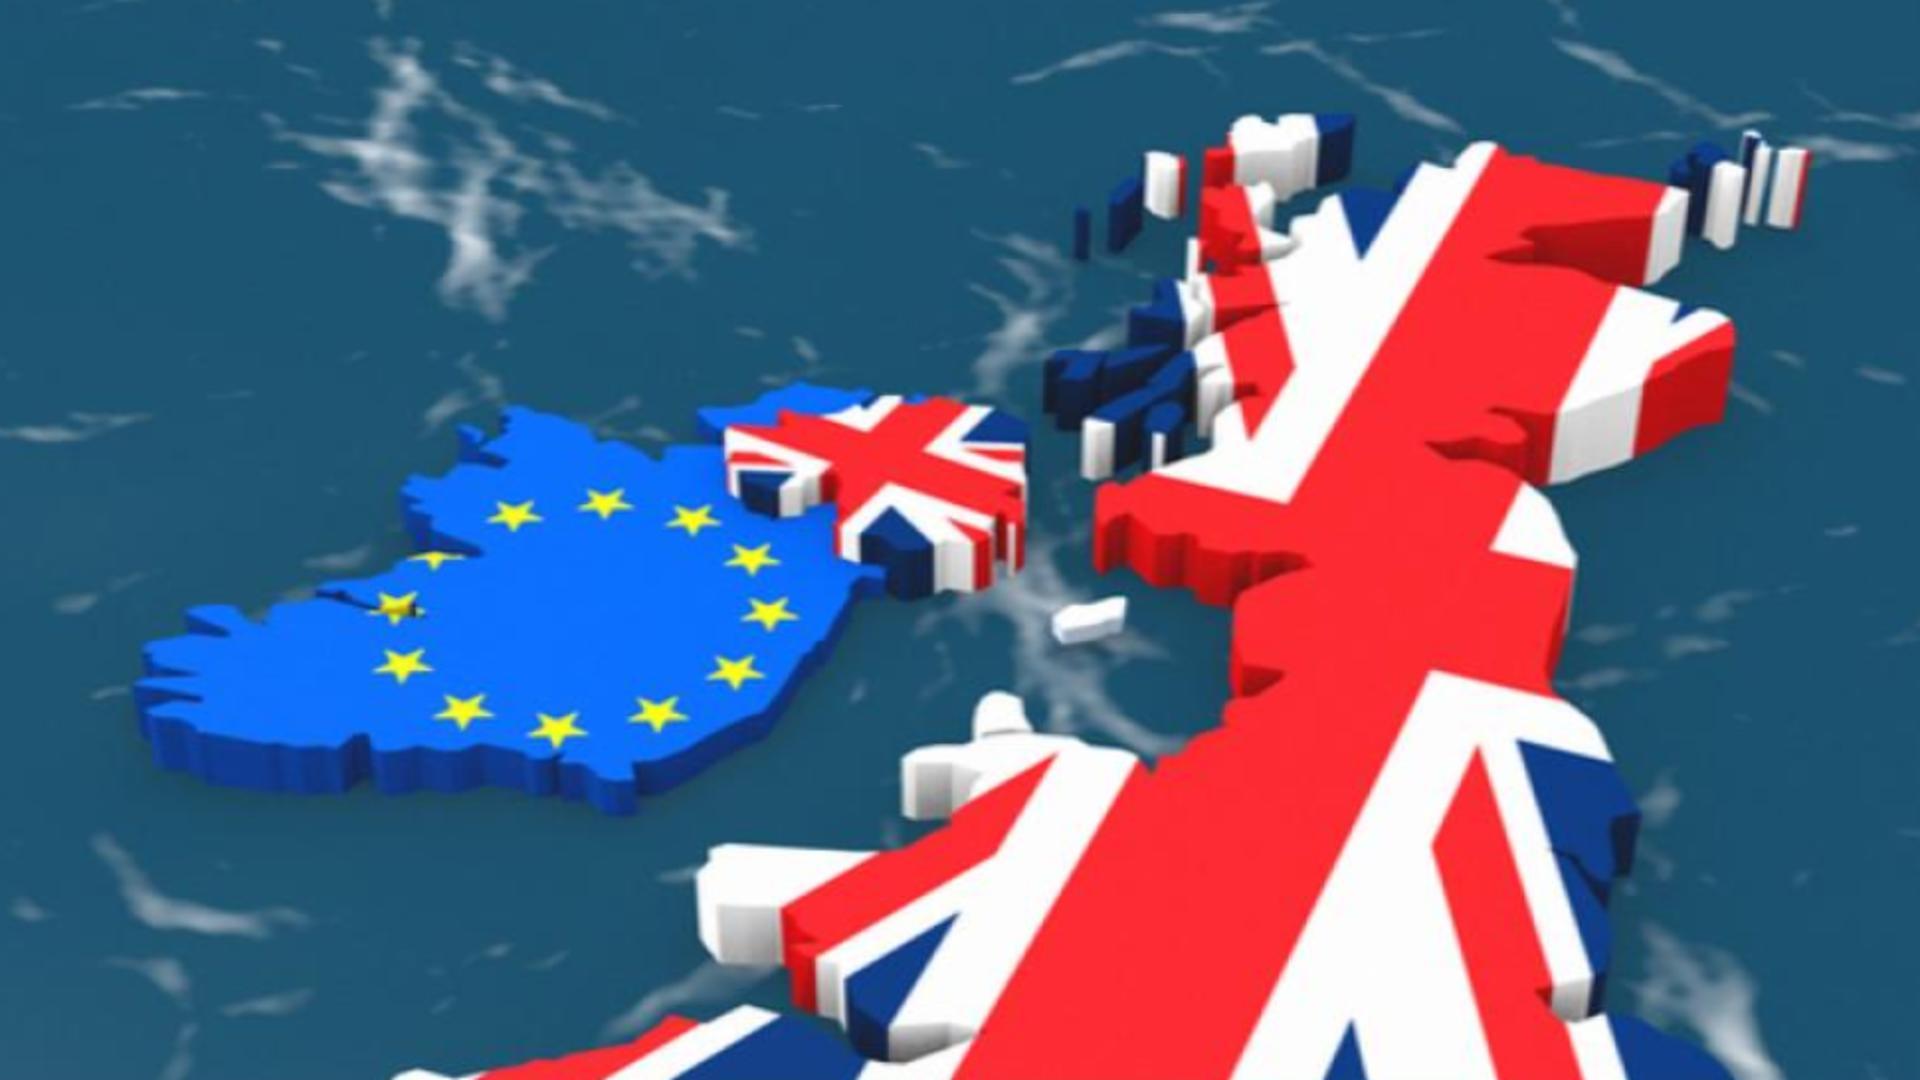 Marea Britanie cere prelungirea perioadei de grație după Brexit pentru Irlanda de Nord